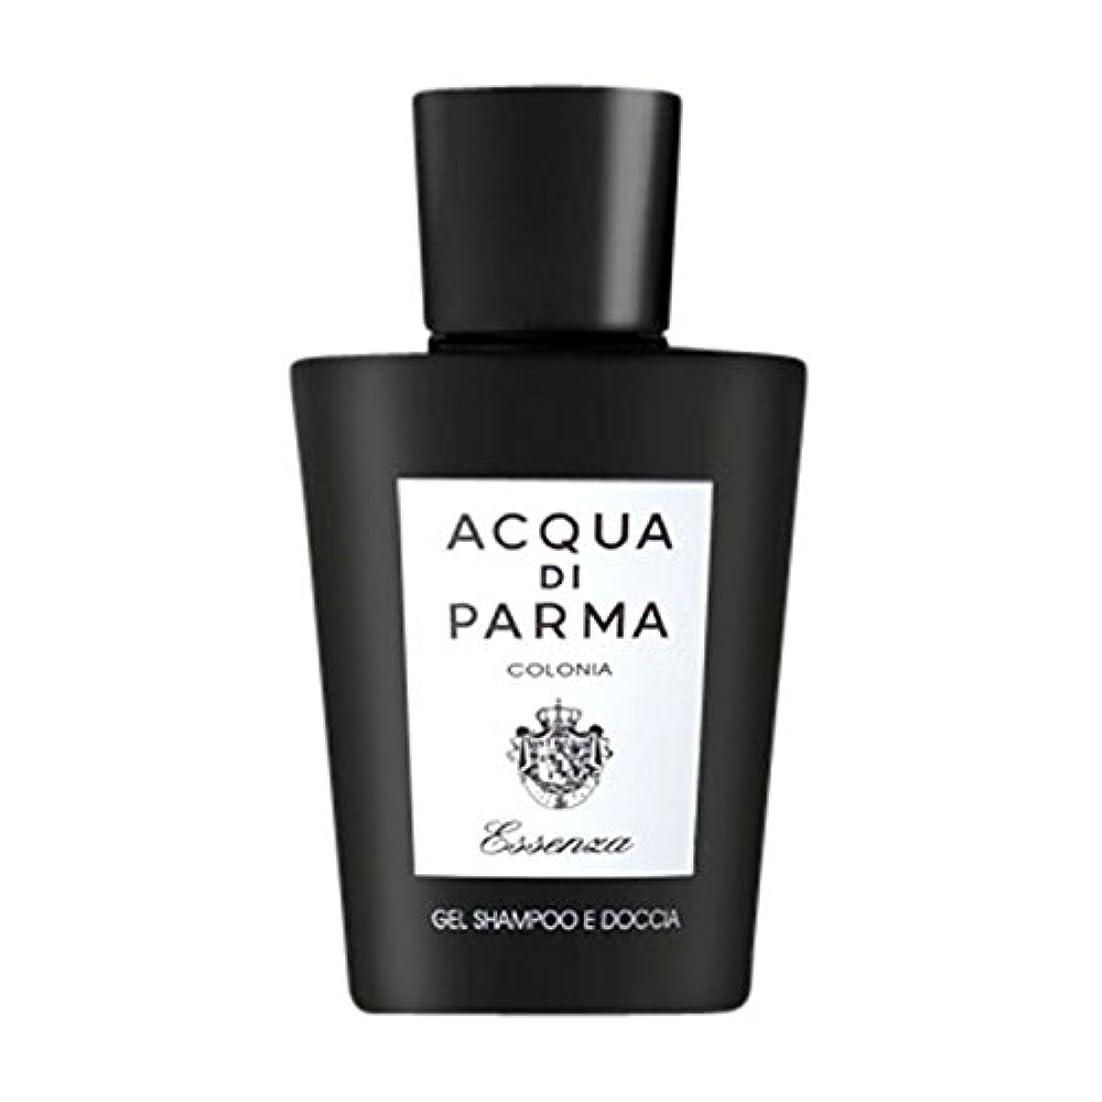 わざわざ徹底的に裏切りアクアディパルマコロニアEssenza髪とシャワージェル200ミリリットル (Acqua di Parma) (x6) - Acqua di Parma Colonia Essenza Hair and Shower Gel 200ml (Pack of 6) [並行輸入品]